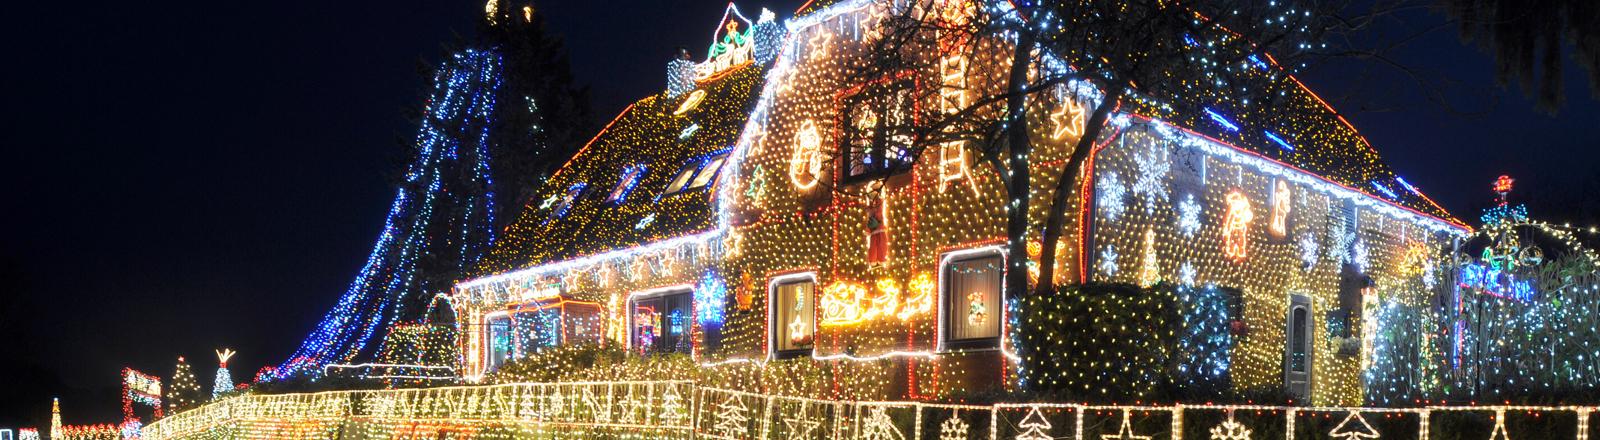 Bild vom Weihnachtshaus mit 450.000 Lichterketten.